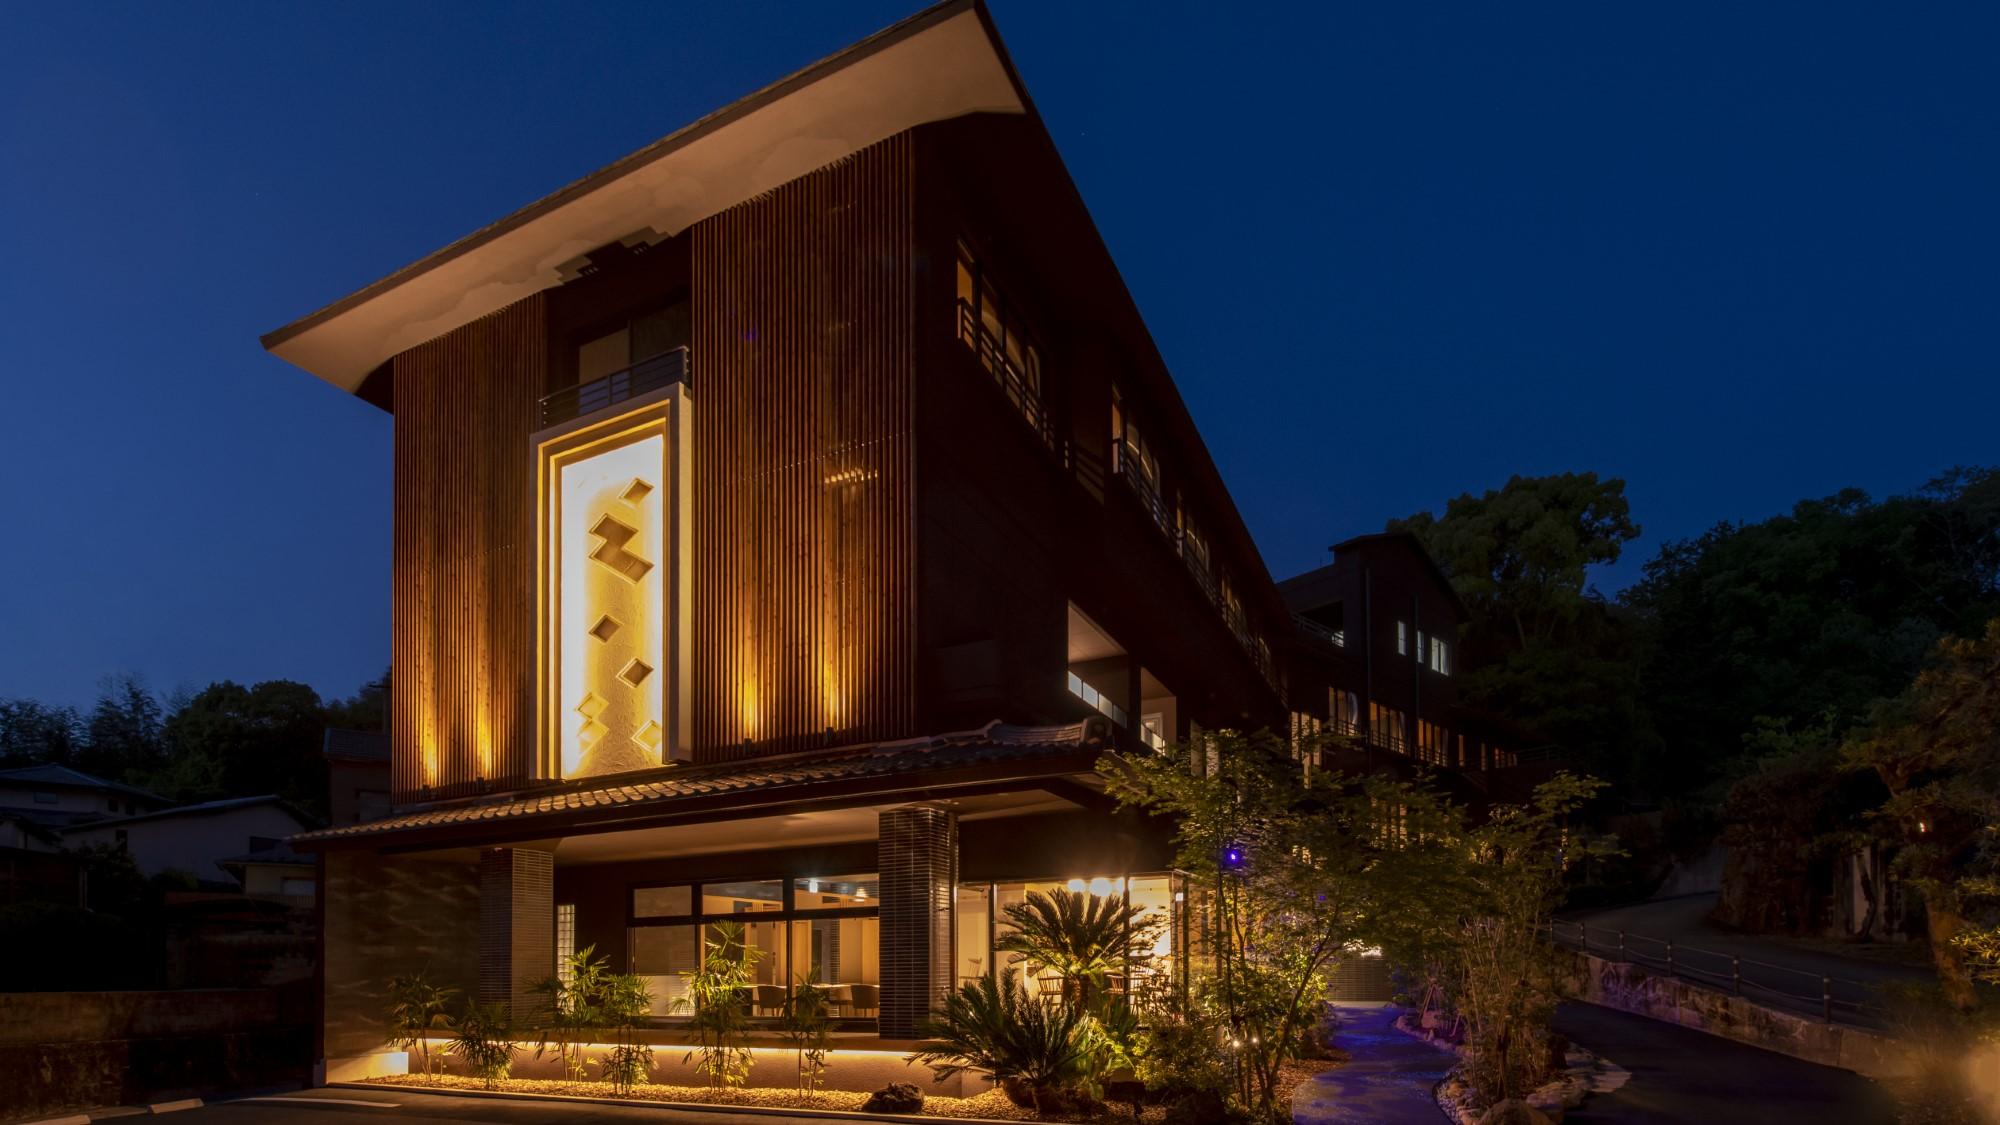 玉名温泉 旅荘 黄金館の施設画像